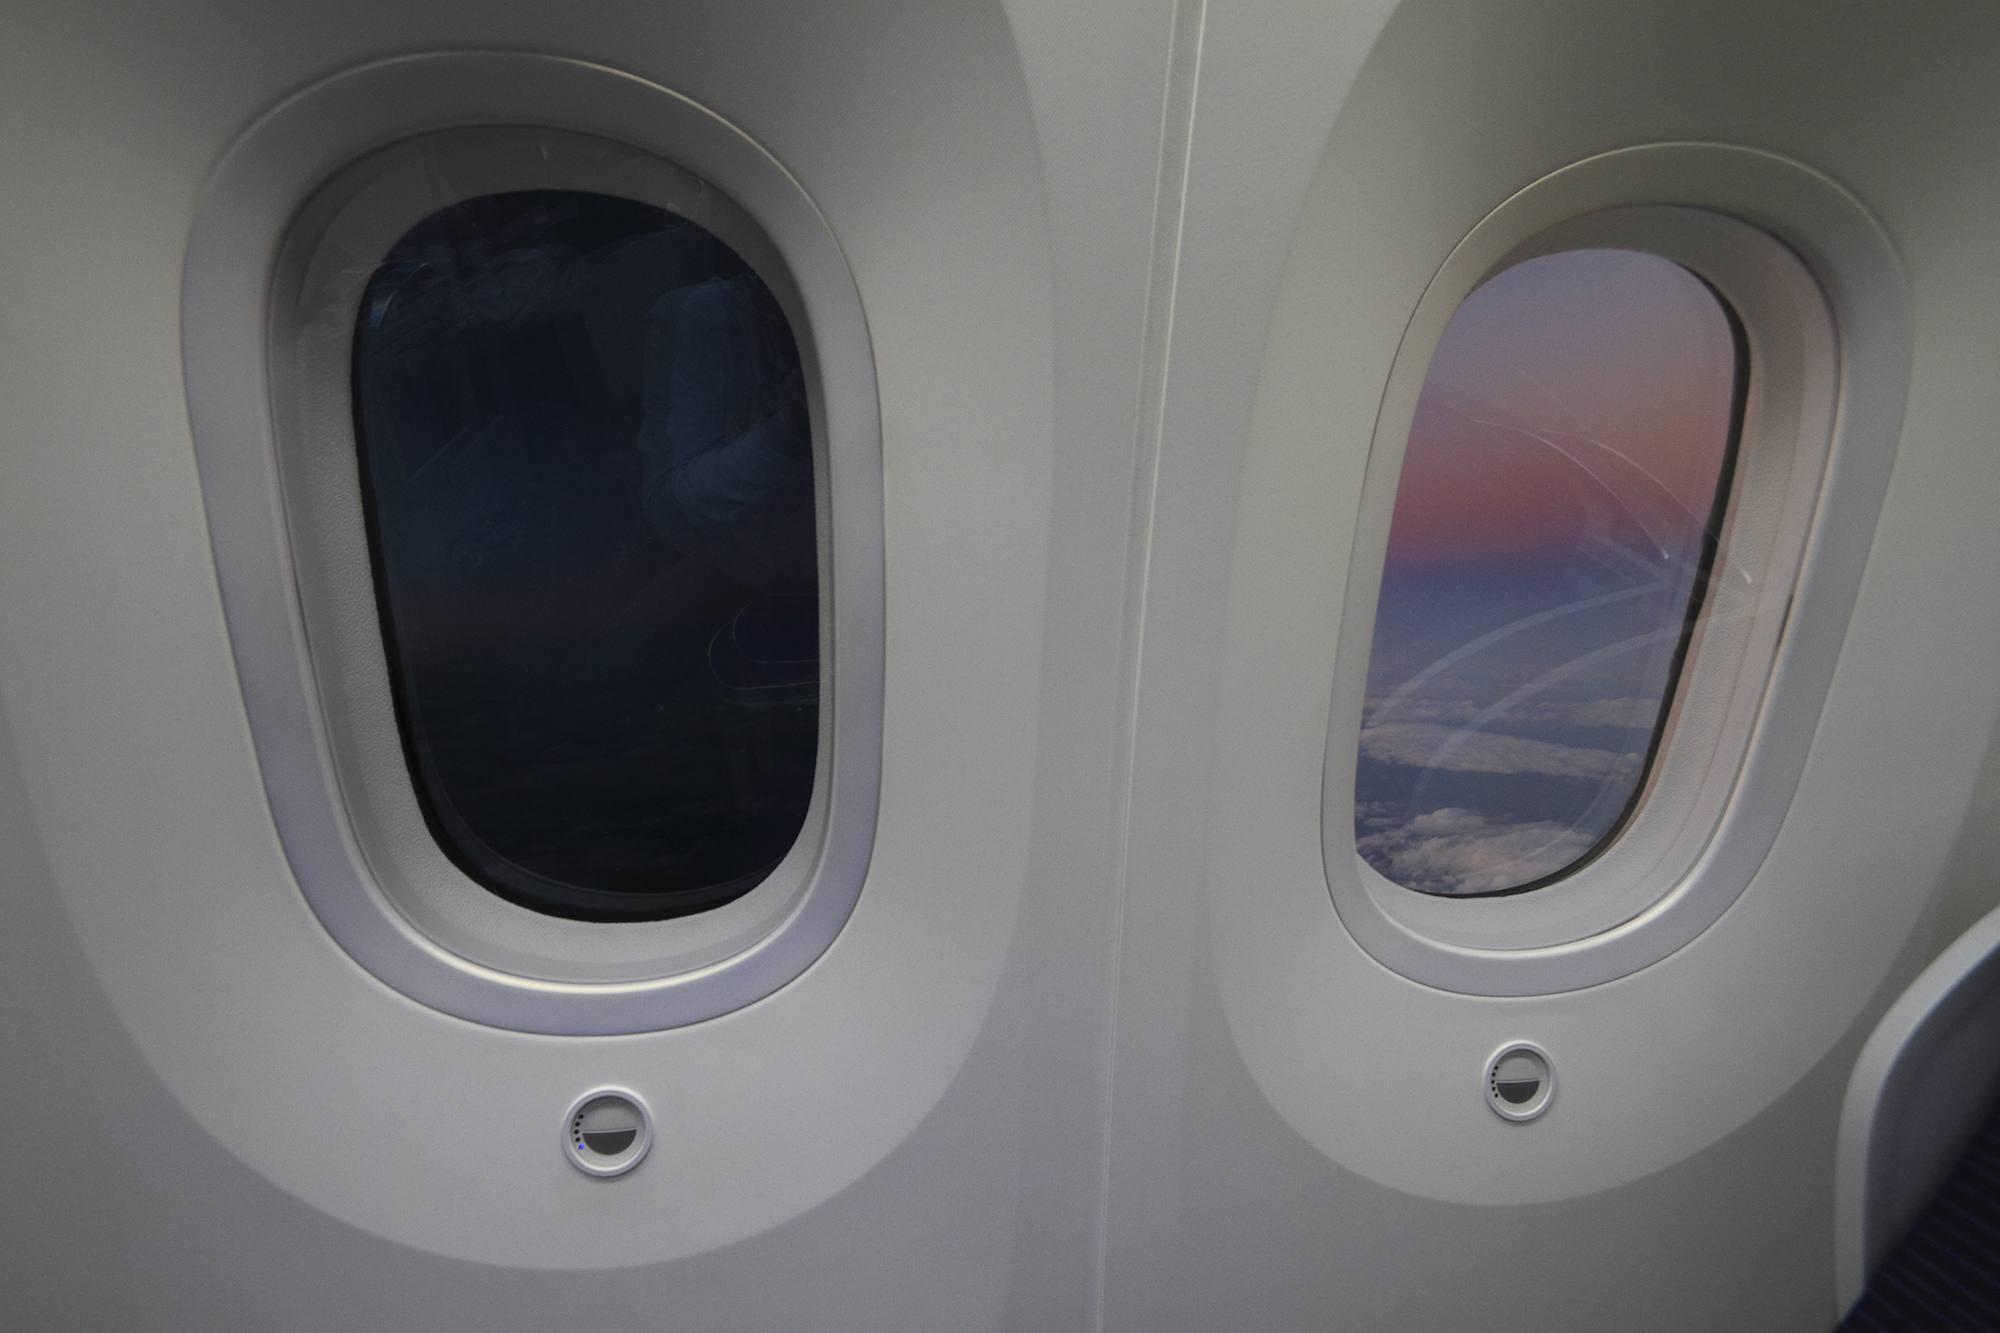 Electrochromic window in Boeing 787